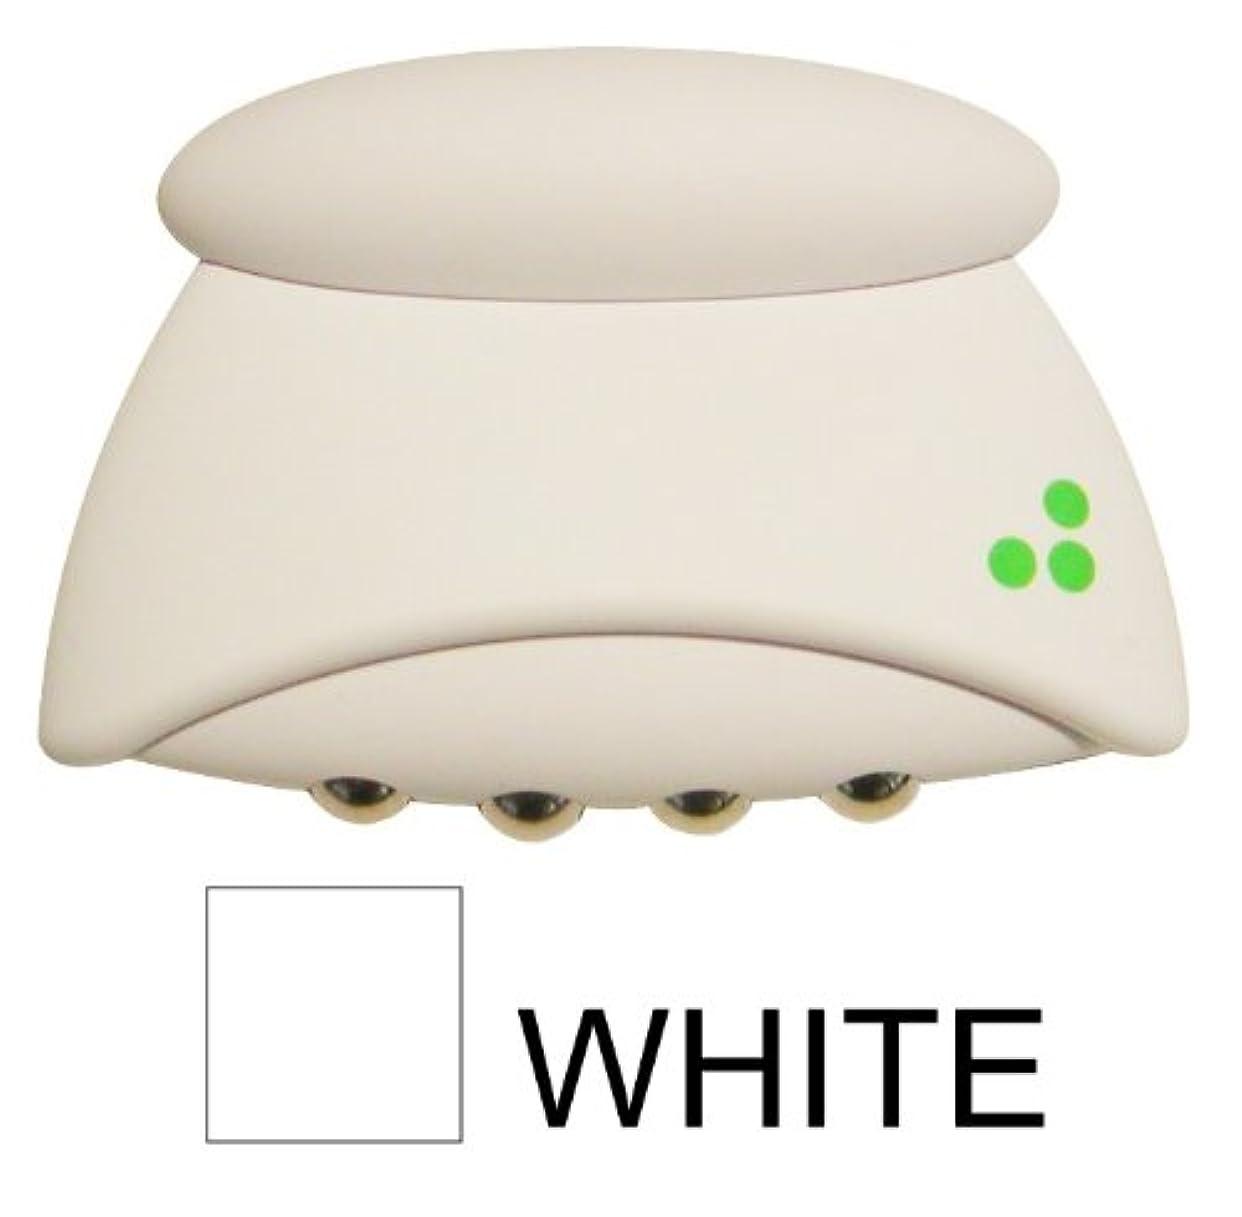 本会議プレビスサイト埋めるシェルブル(shell-bulu)CLV-165(WH)ホワイト